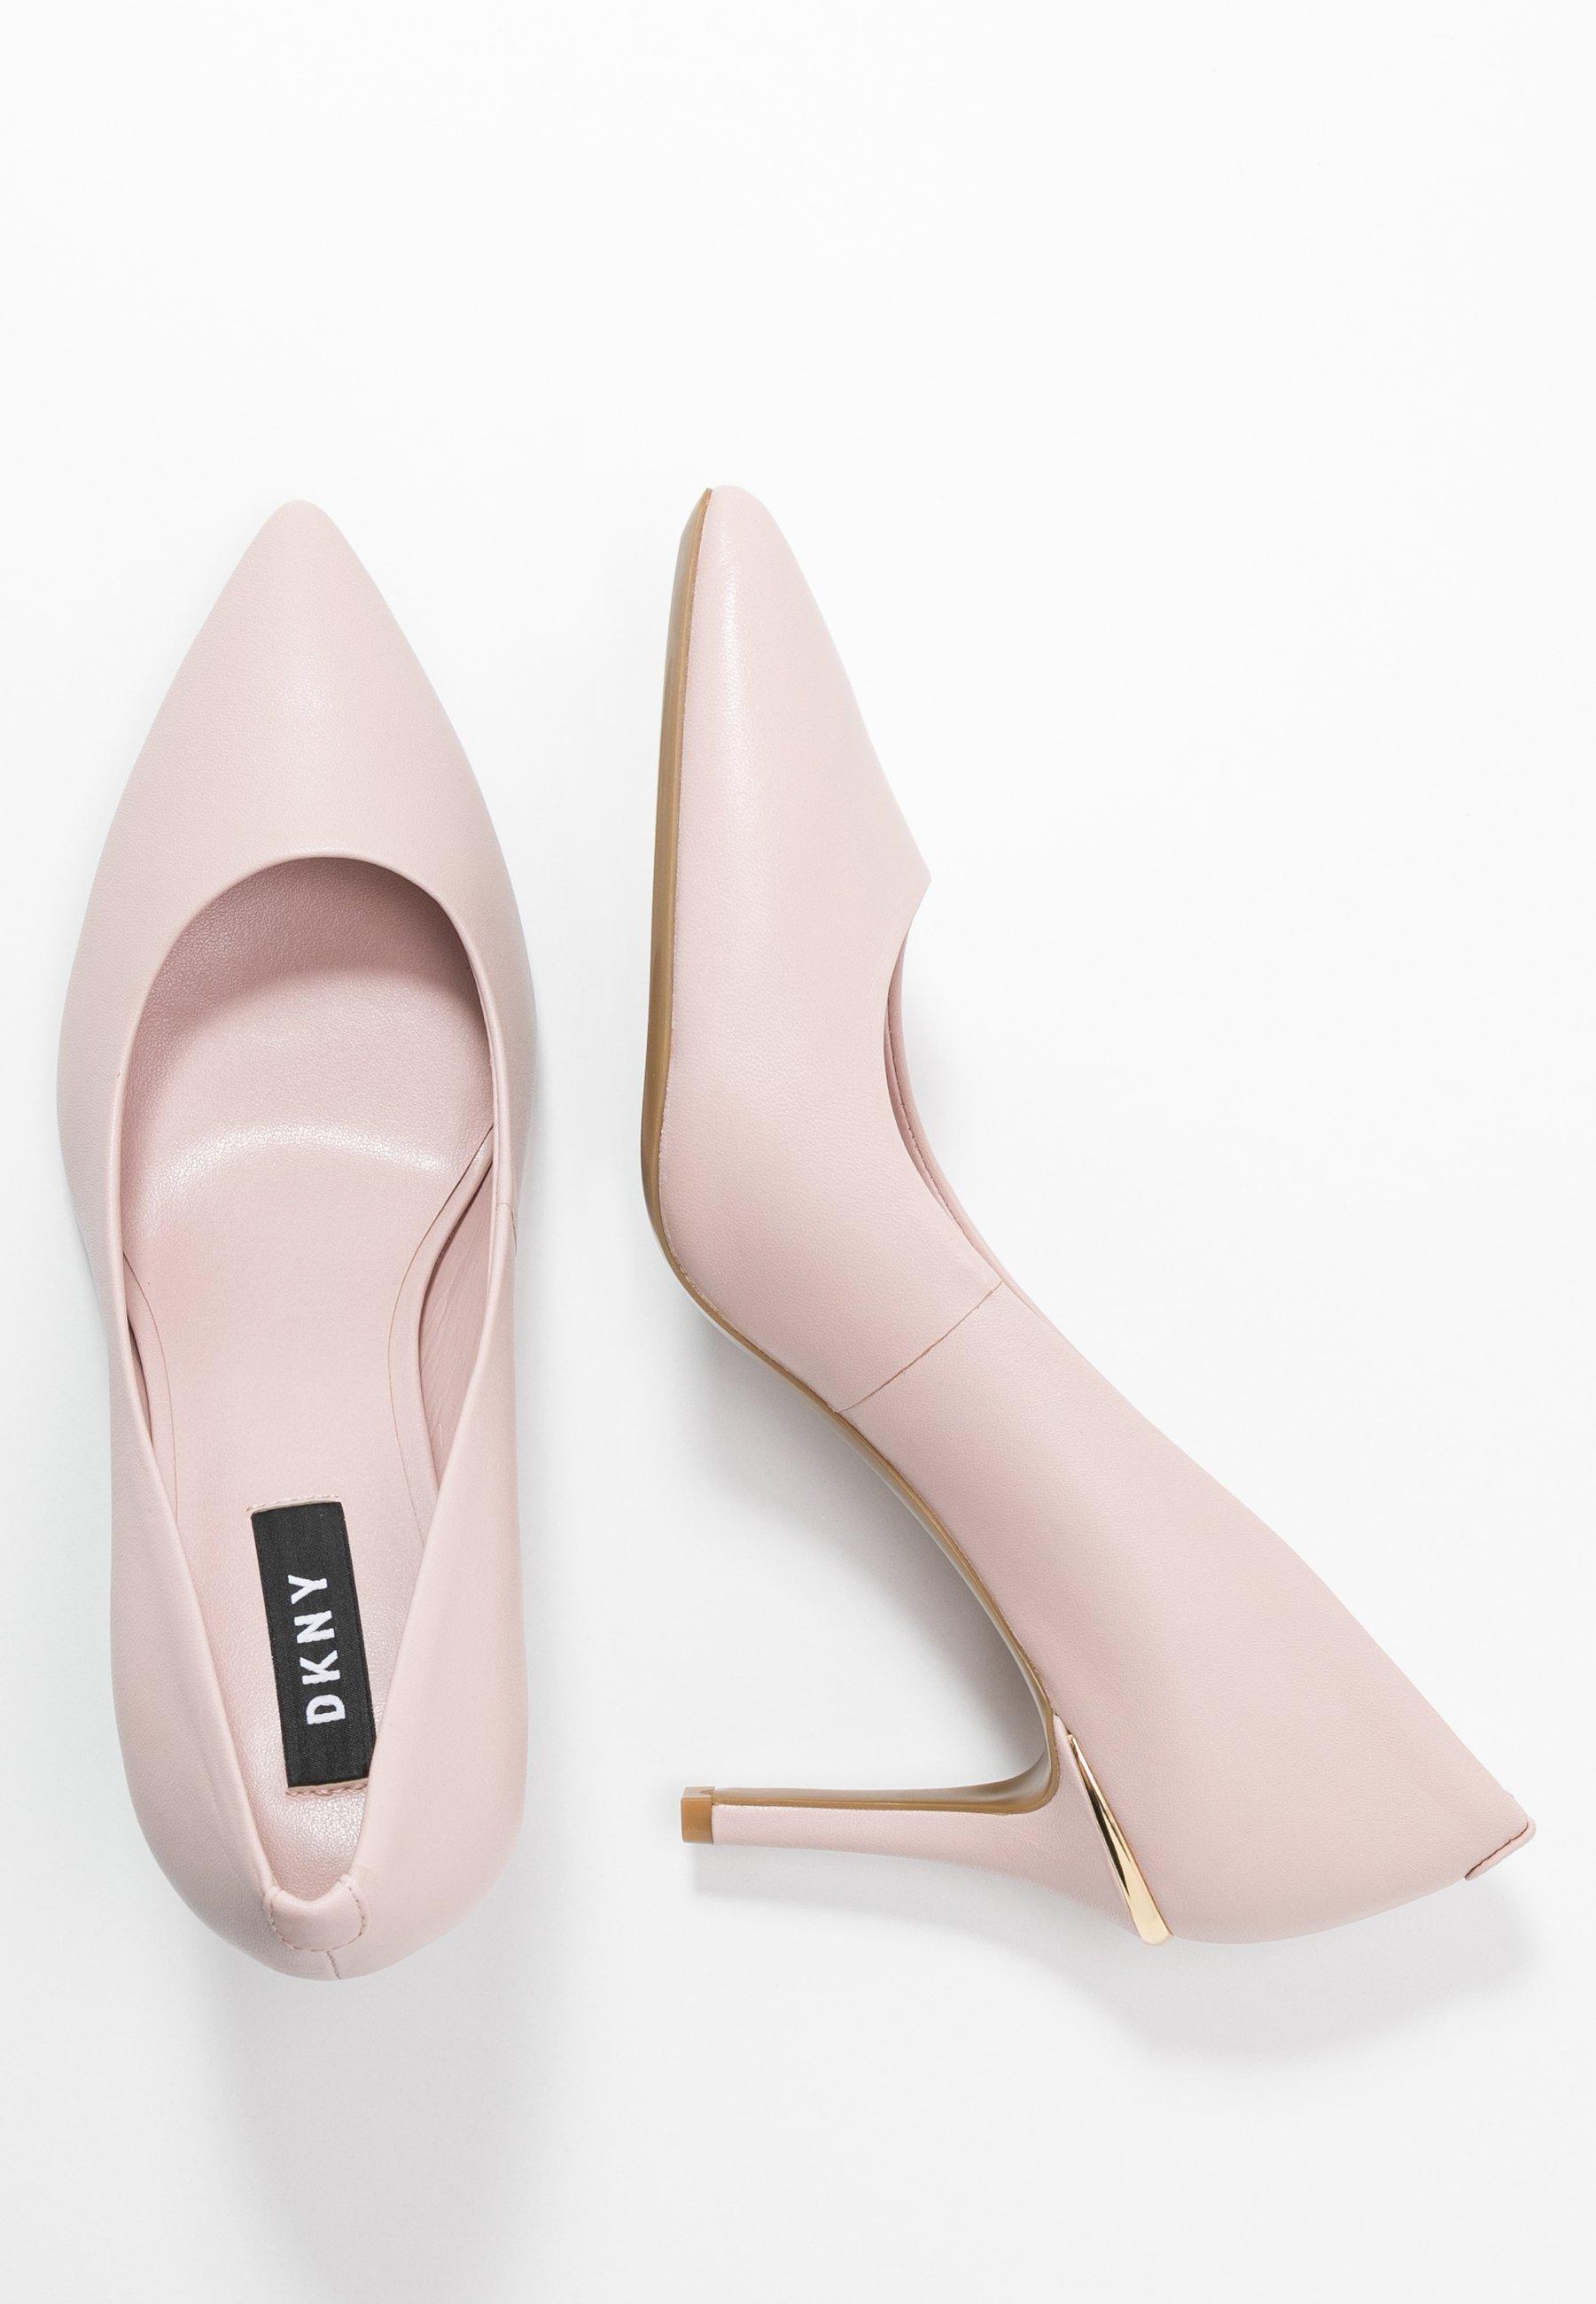 DKNY RANDI - Escarpins à talons hauts - blush